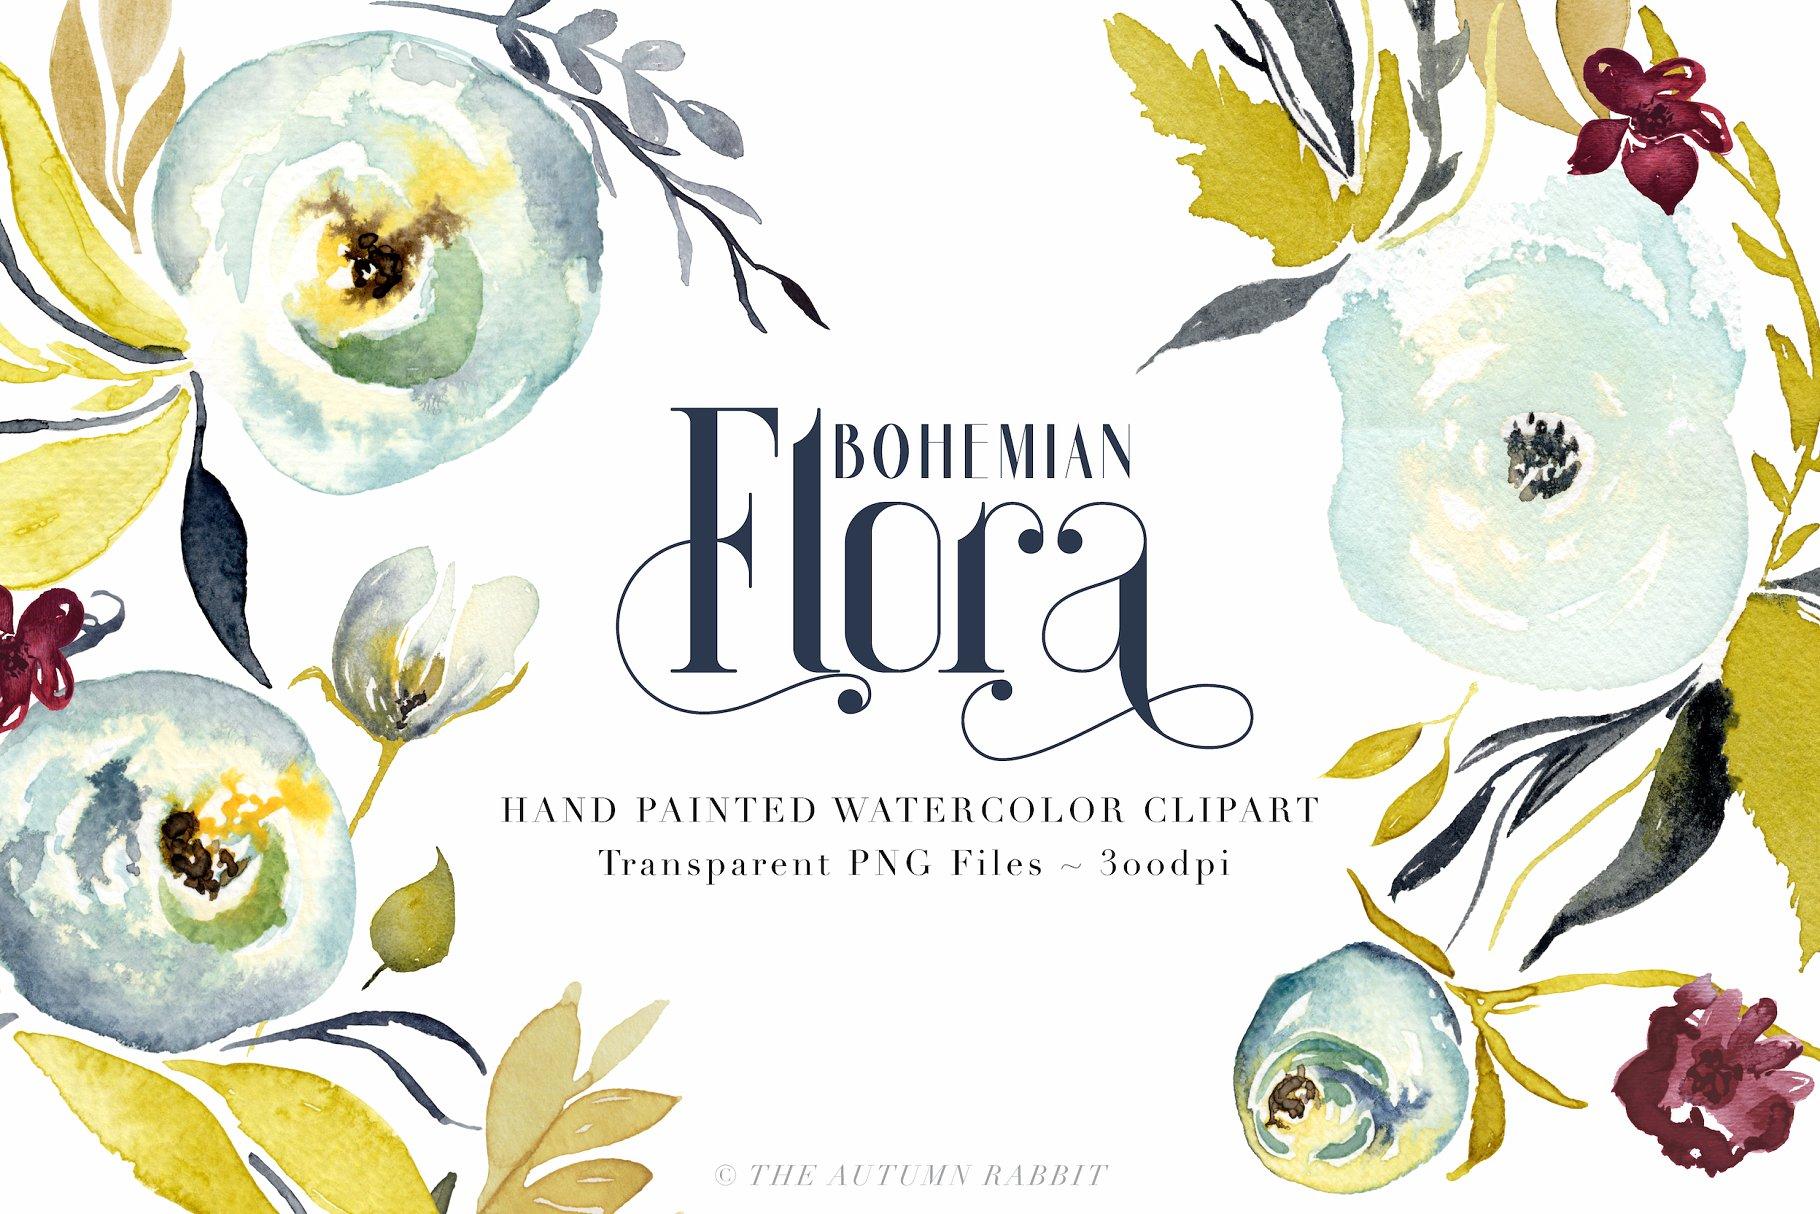 bohemian-flora-06-.jpg